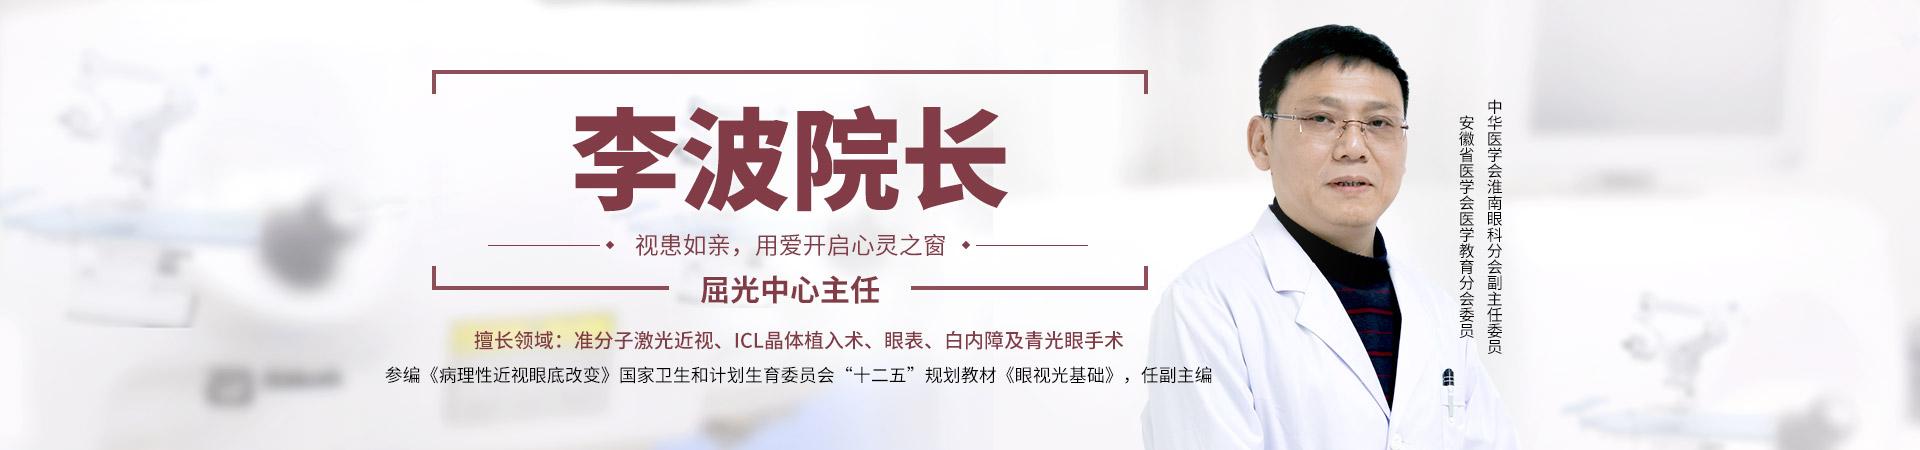 李波 院长banner